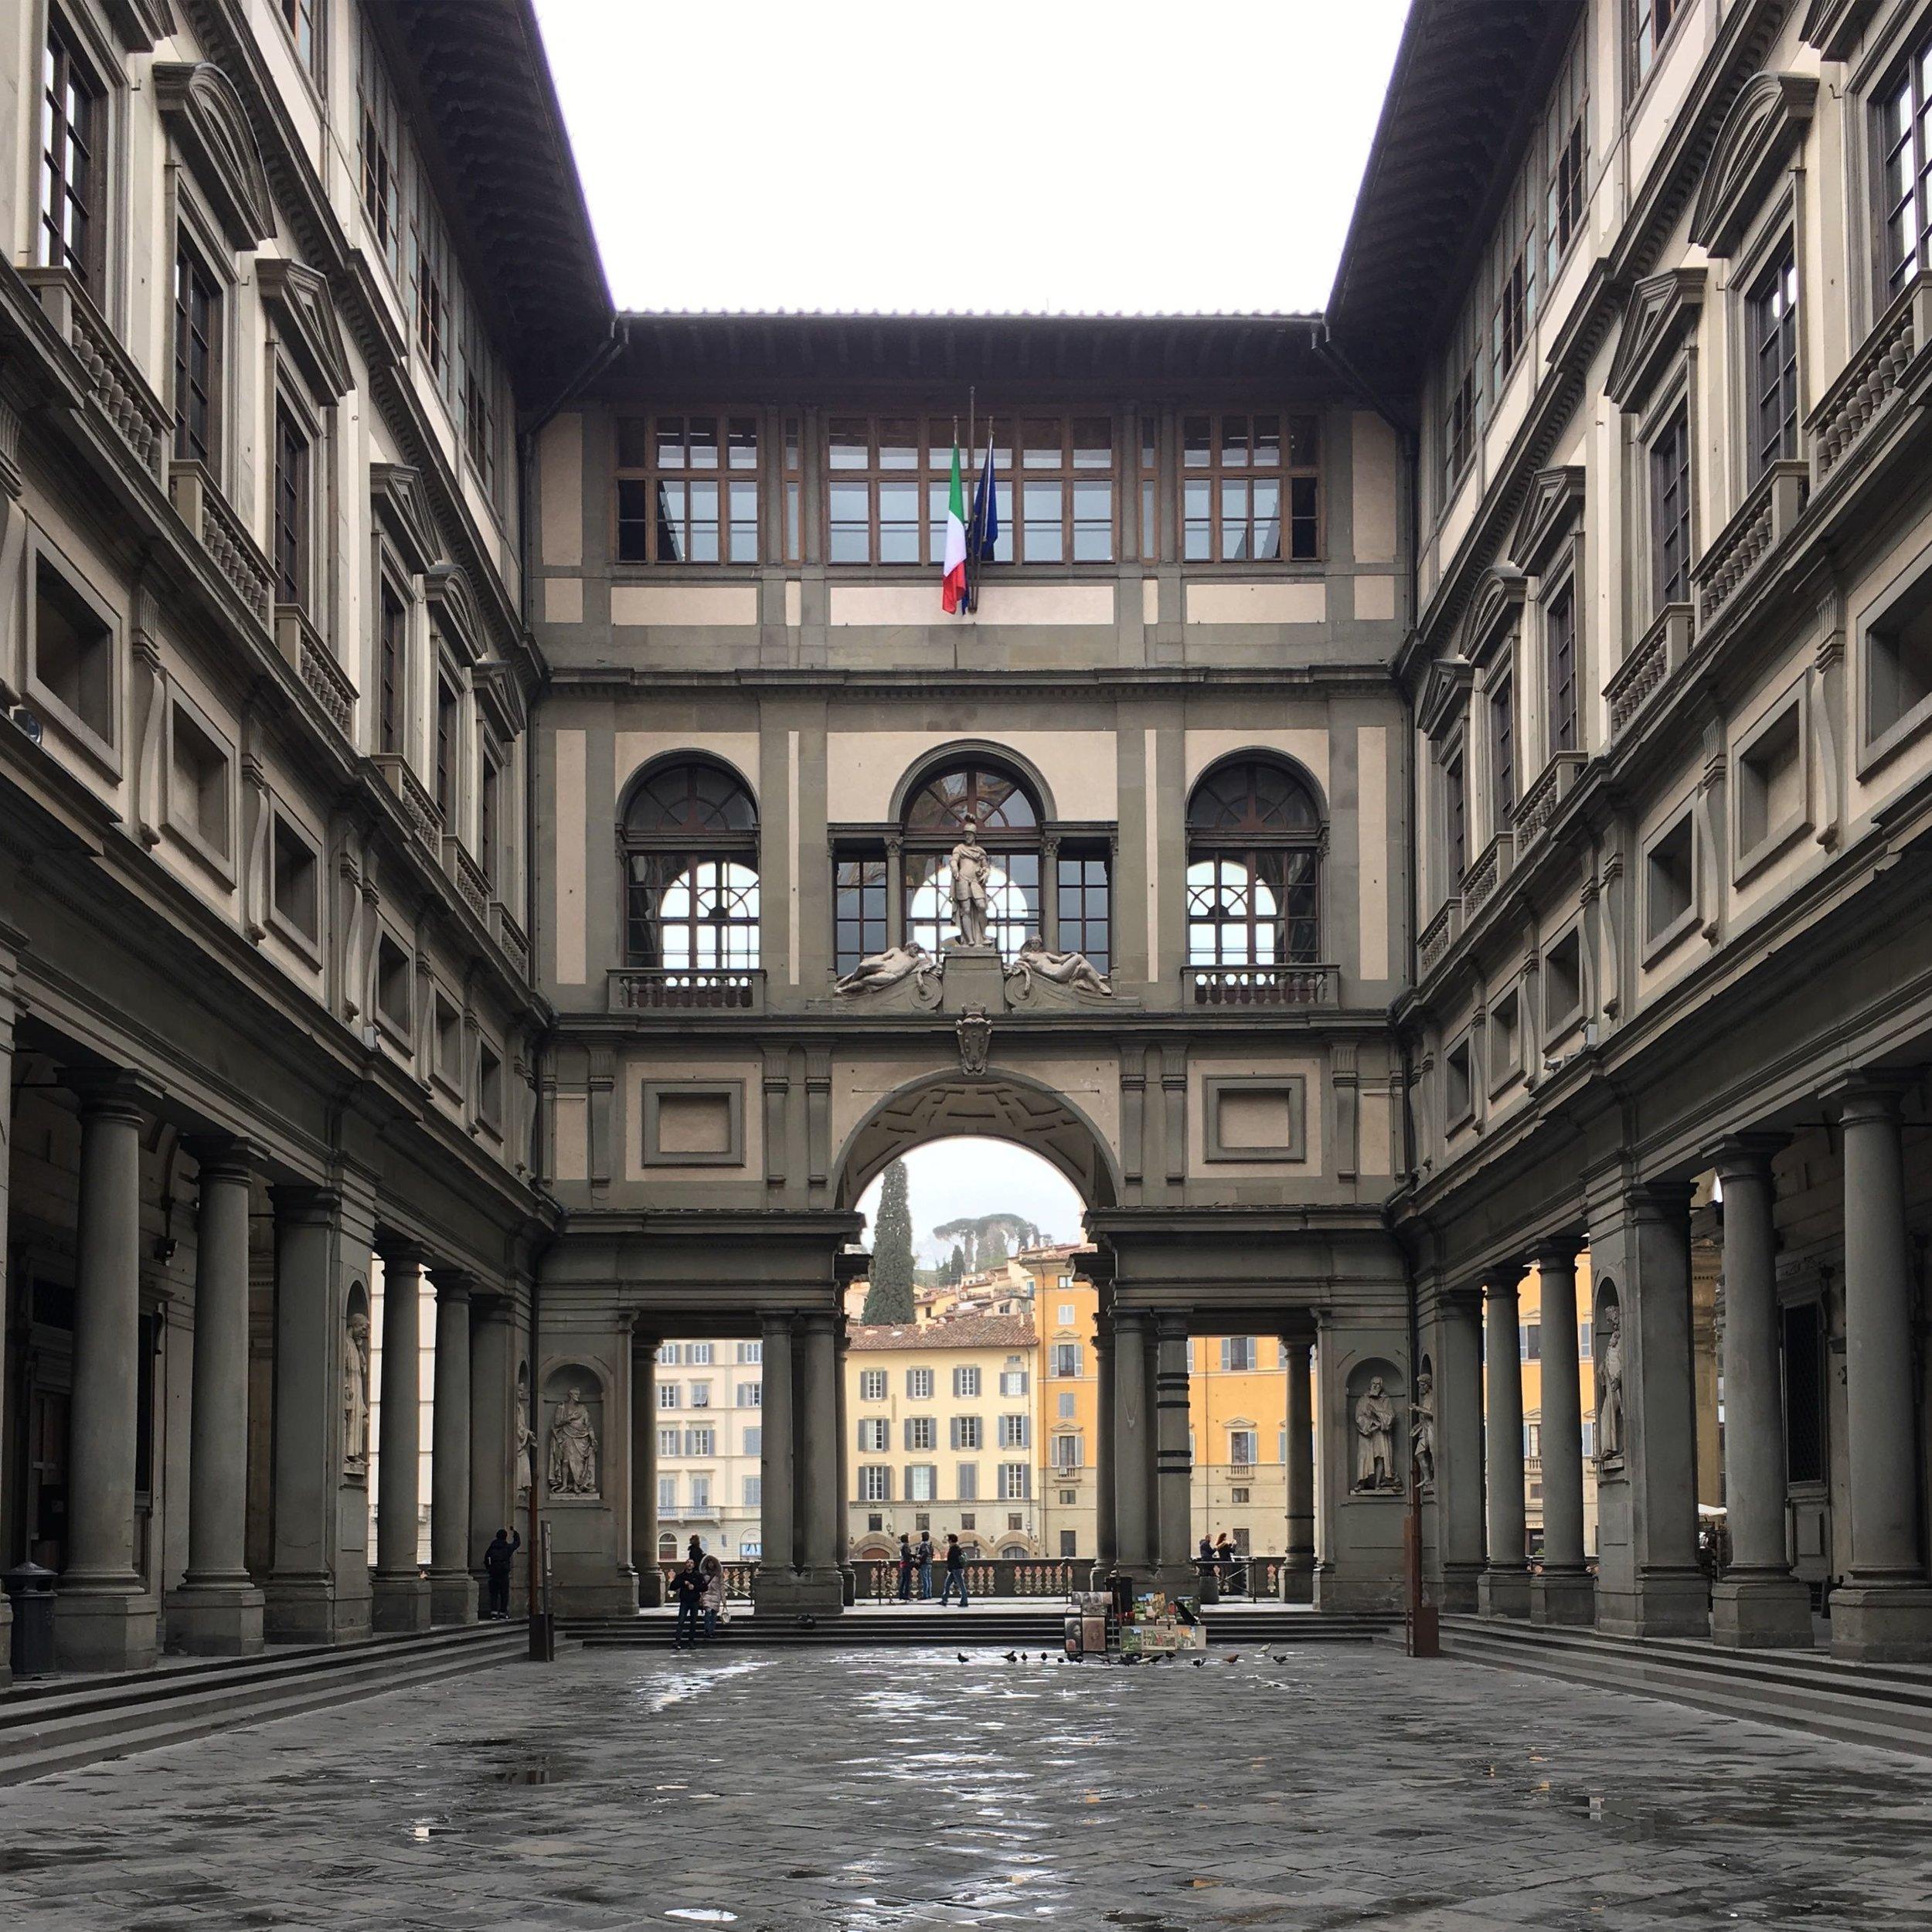 Lozidaze_Uffizi_01